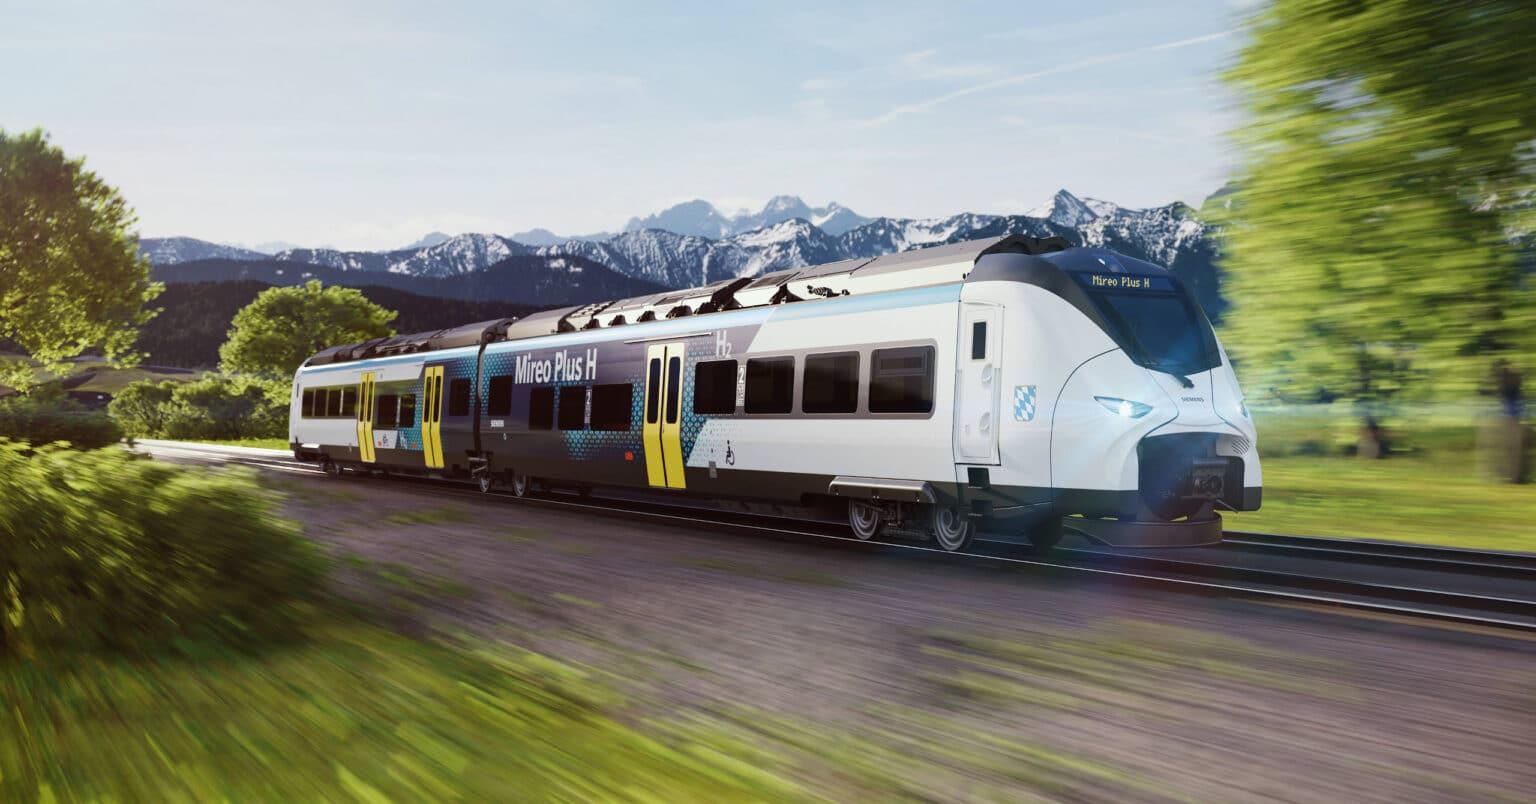 Diseño a ordenador del Siemens Mireo H que circulará por Baviera desde 2023. © SIEMENS MOBILITY.